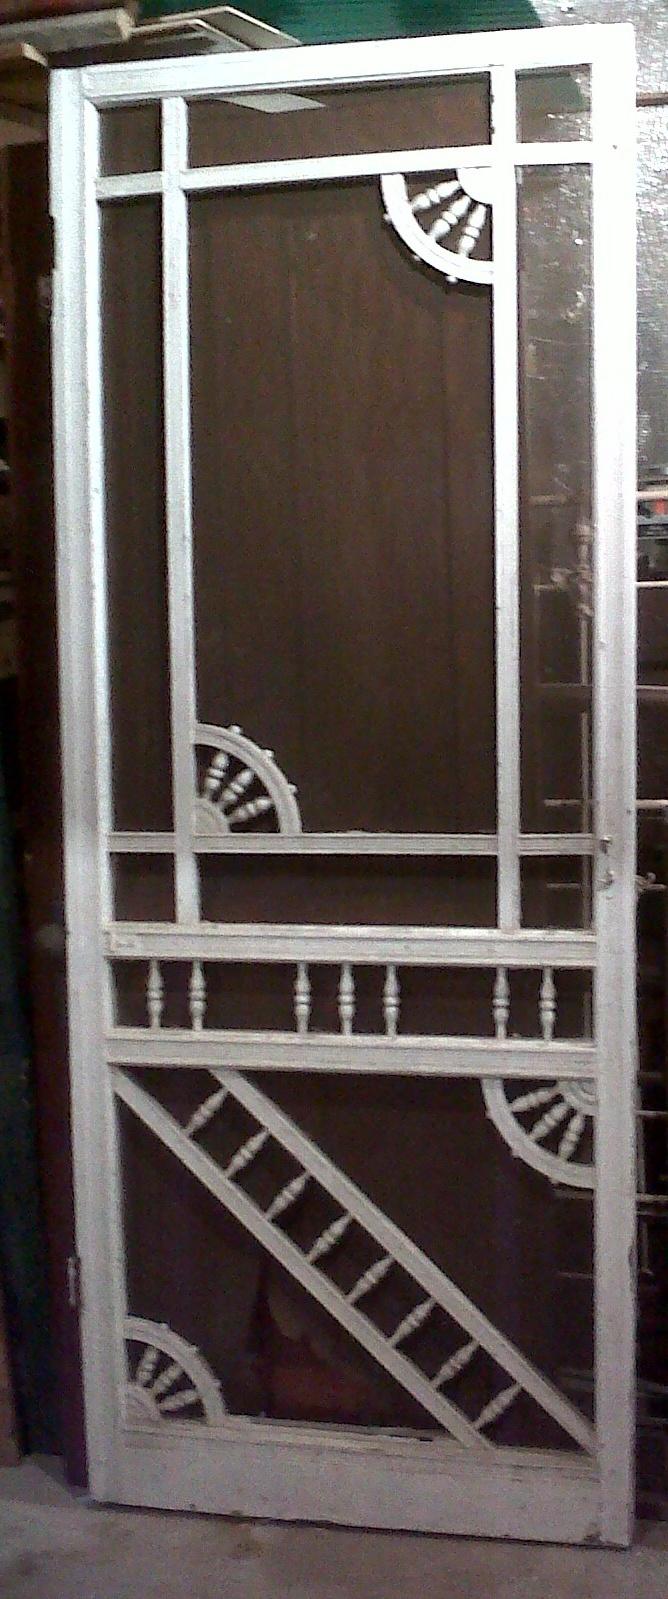 Best 20 instant screen door ideas on pinterest garage door antique screen door extremeimages1 like extreme images on facebook for vtopaller Images